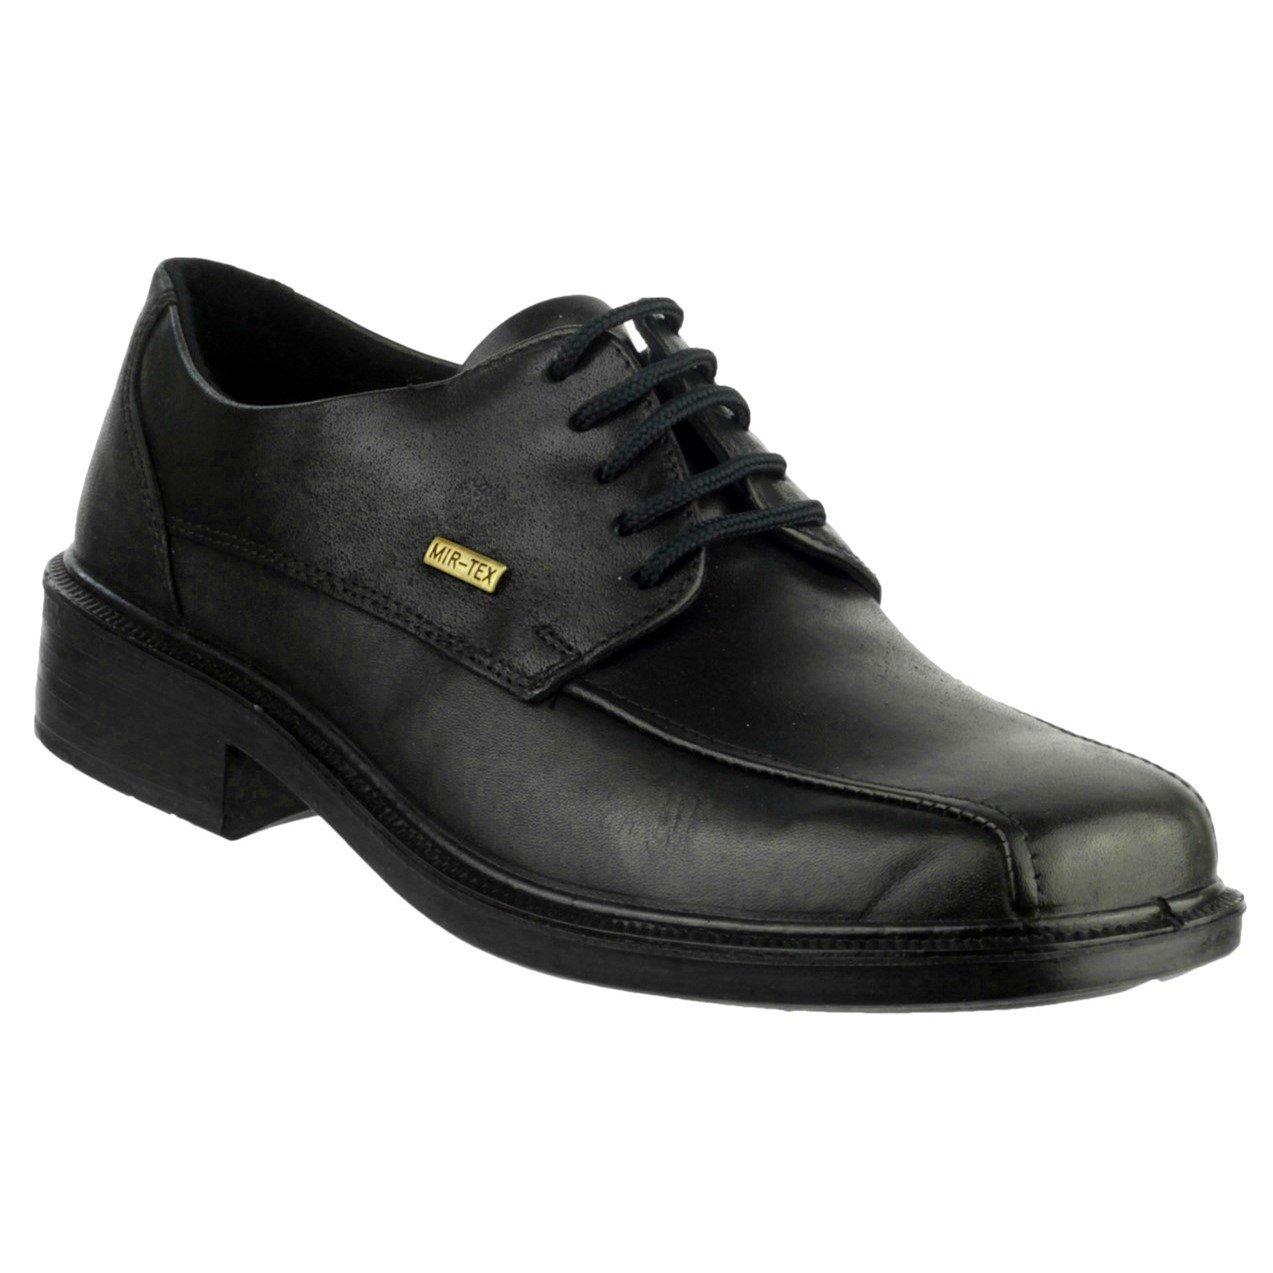 Cotswold Men's Stonehouse Waterproof Shoe Various Colours 32971 - Black 8